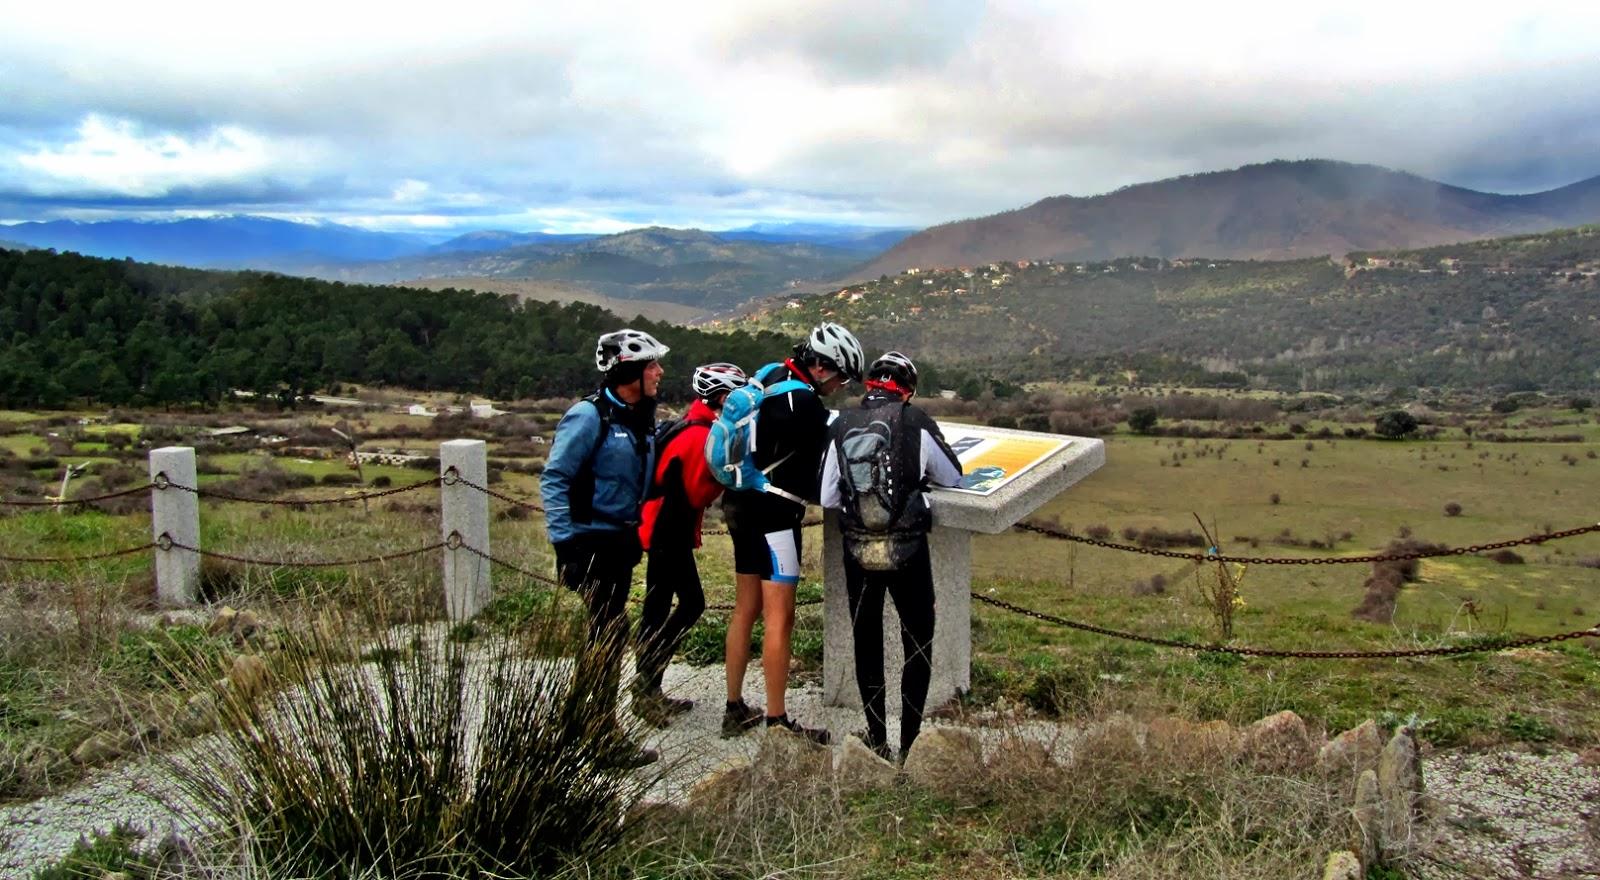 MTB - El Escorial - Robledo de Chavela